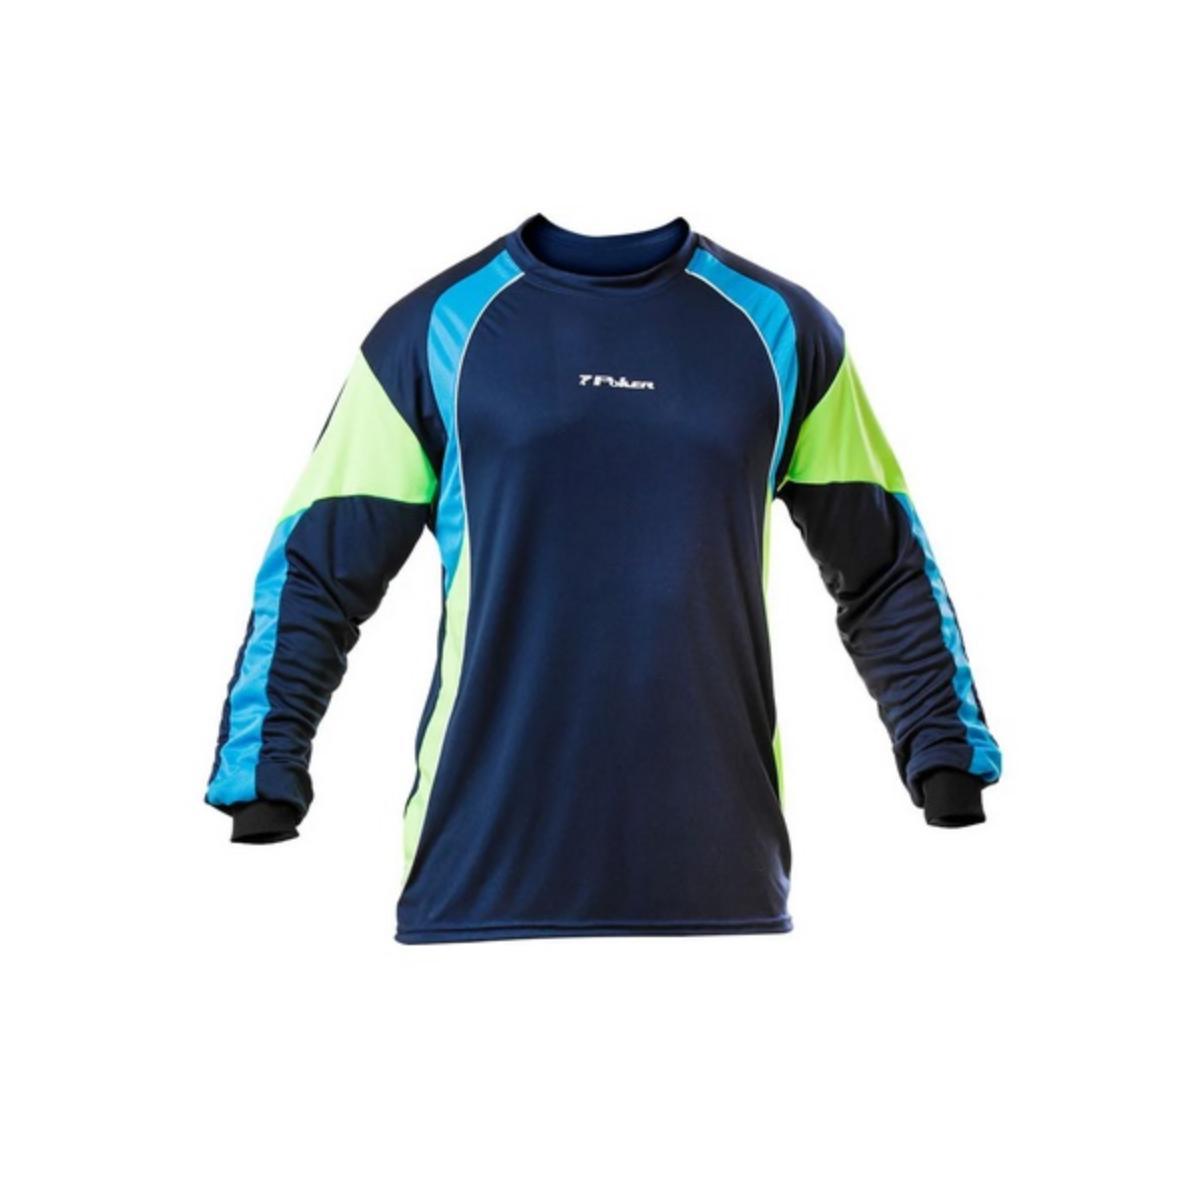 Camisa Masculina Poker 04945 Marinho/azul